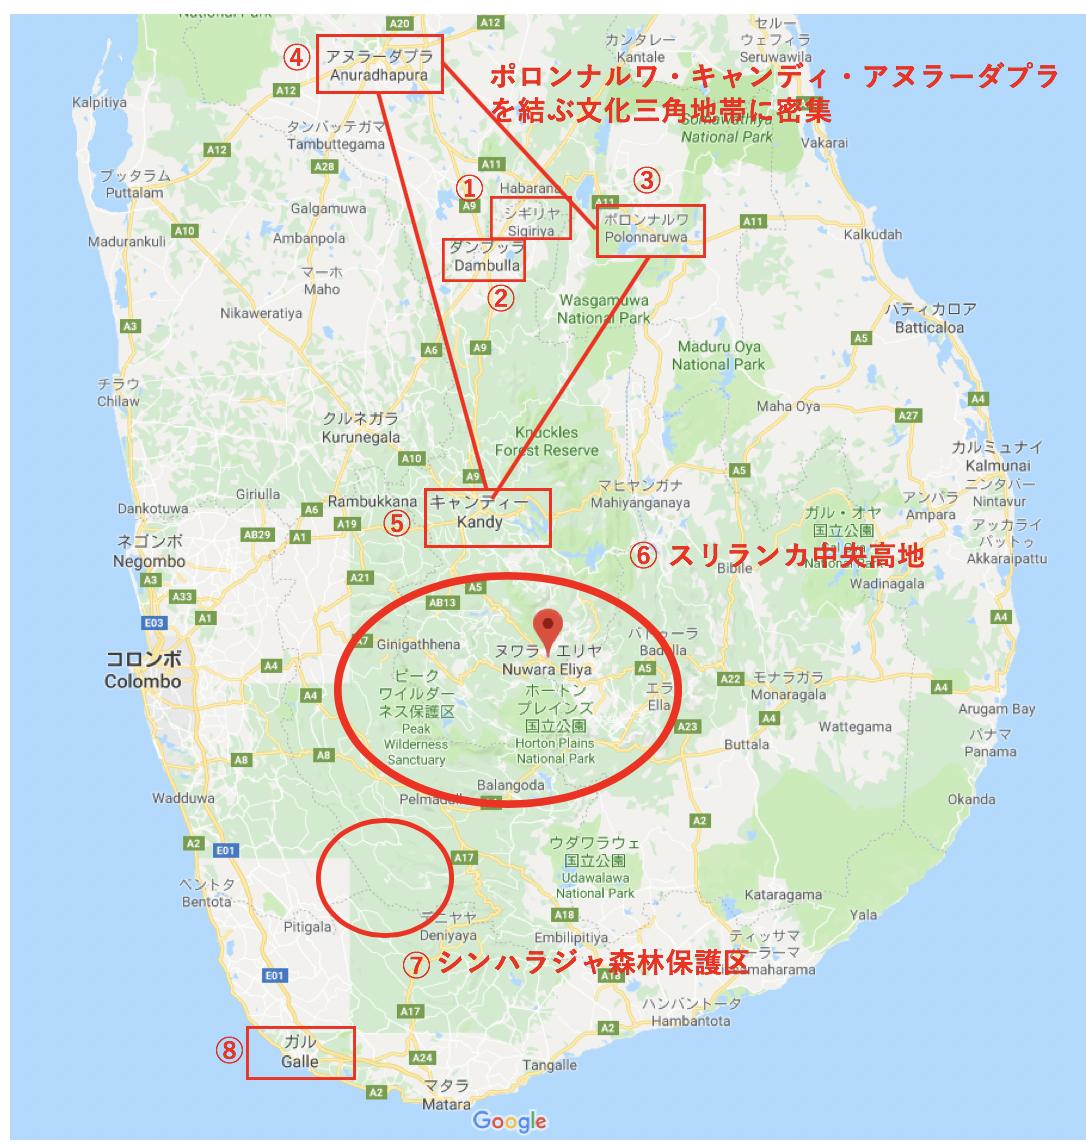 スリランカの世界遺産の位置関係